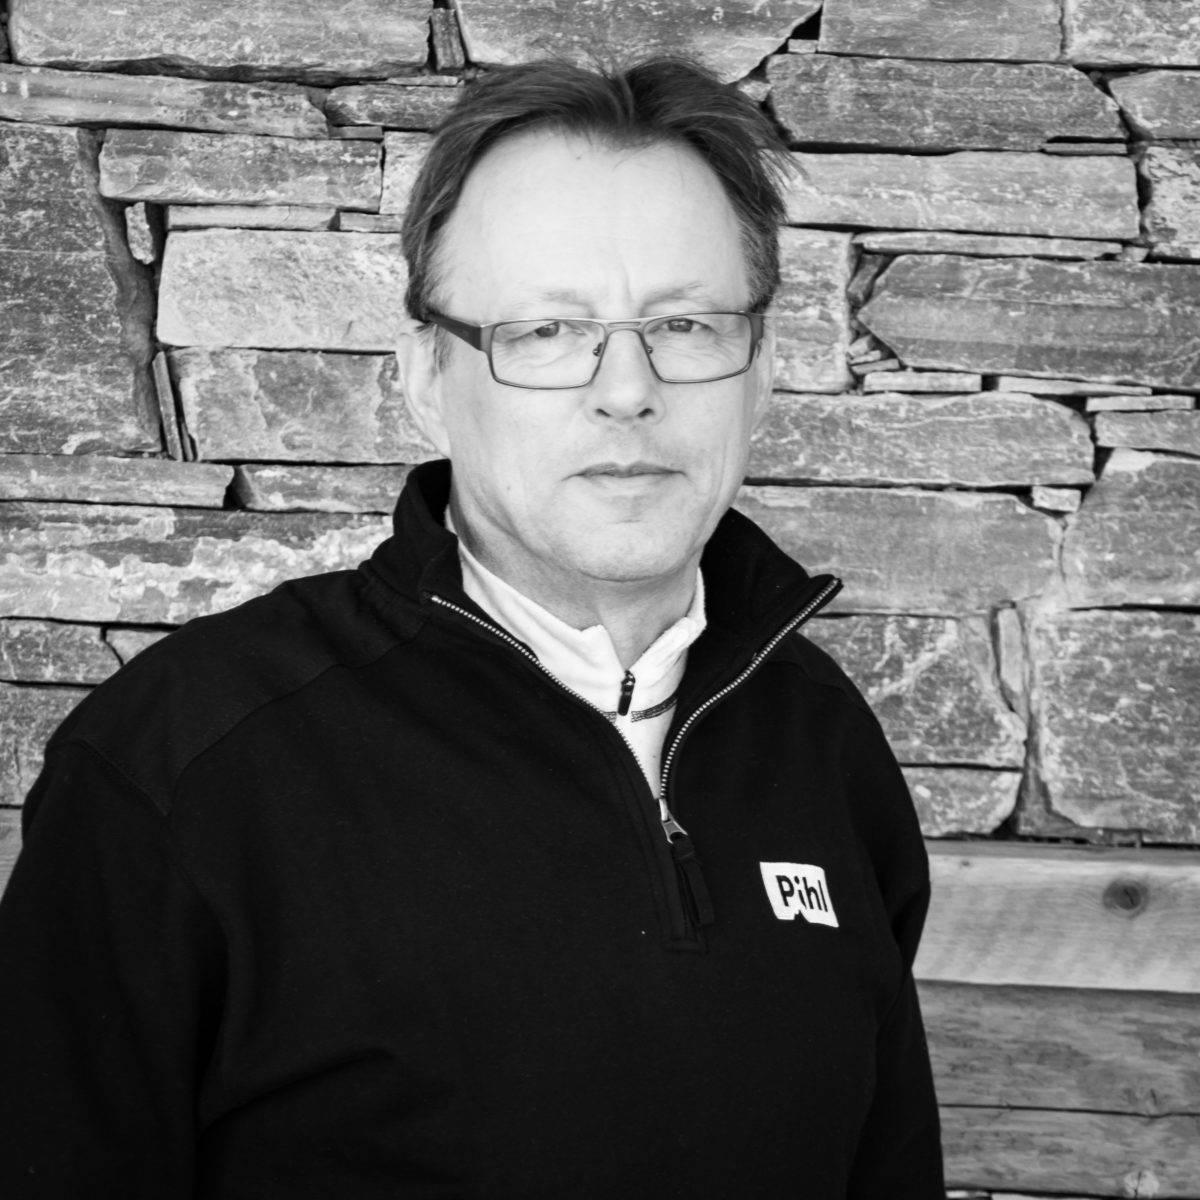 Odd Ivar Sørli, driftsleder i Pihl AS